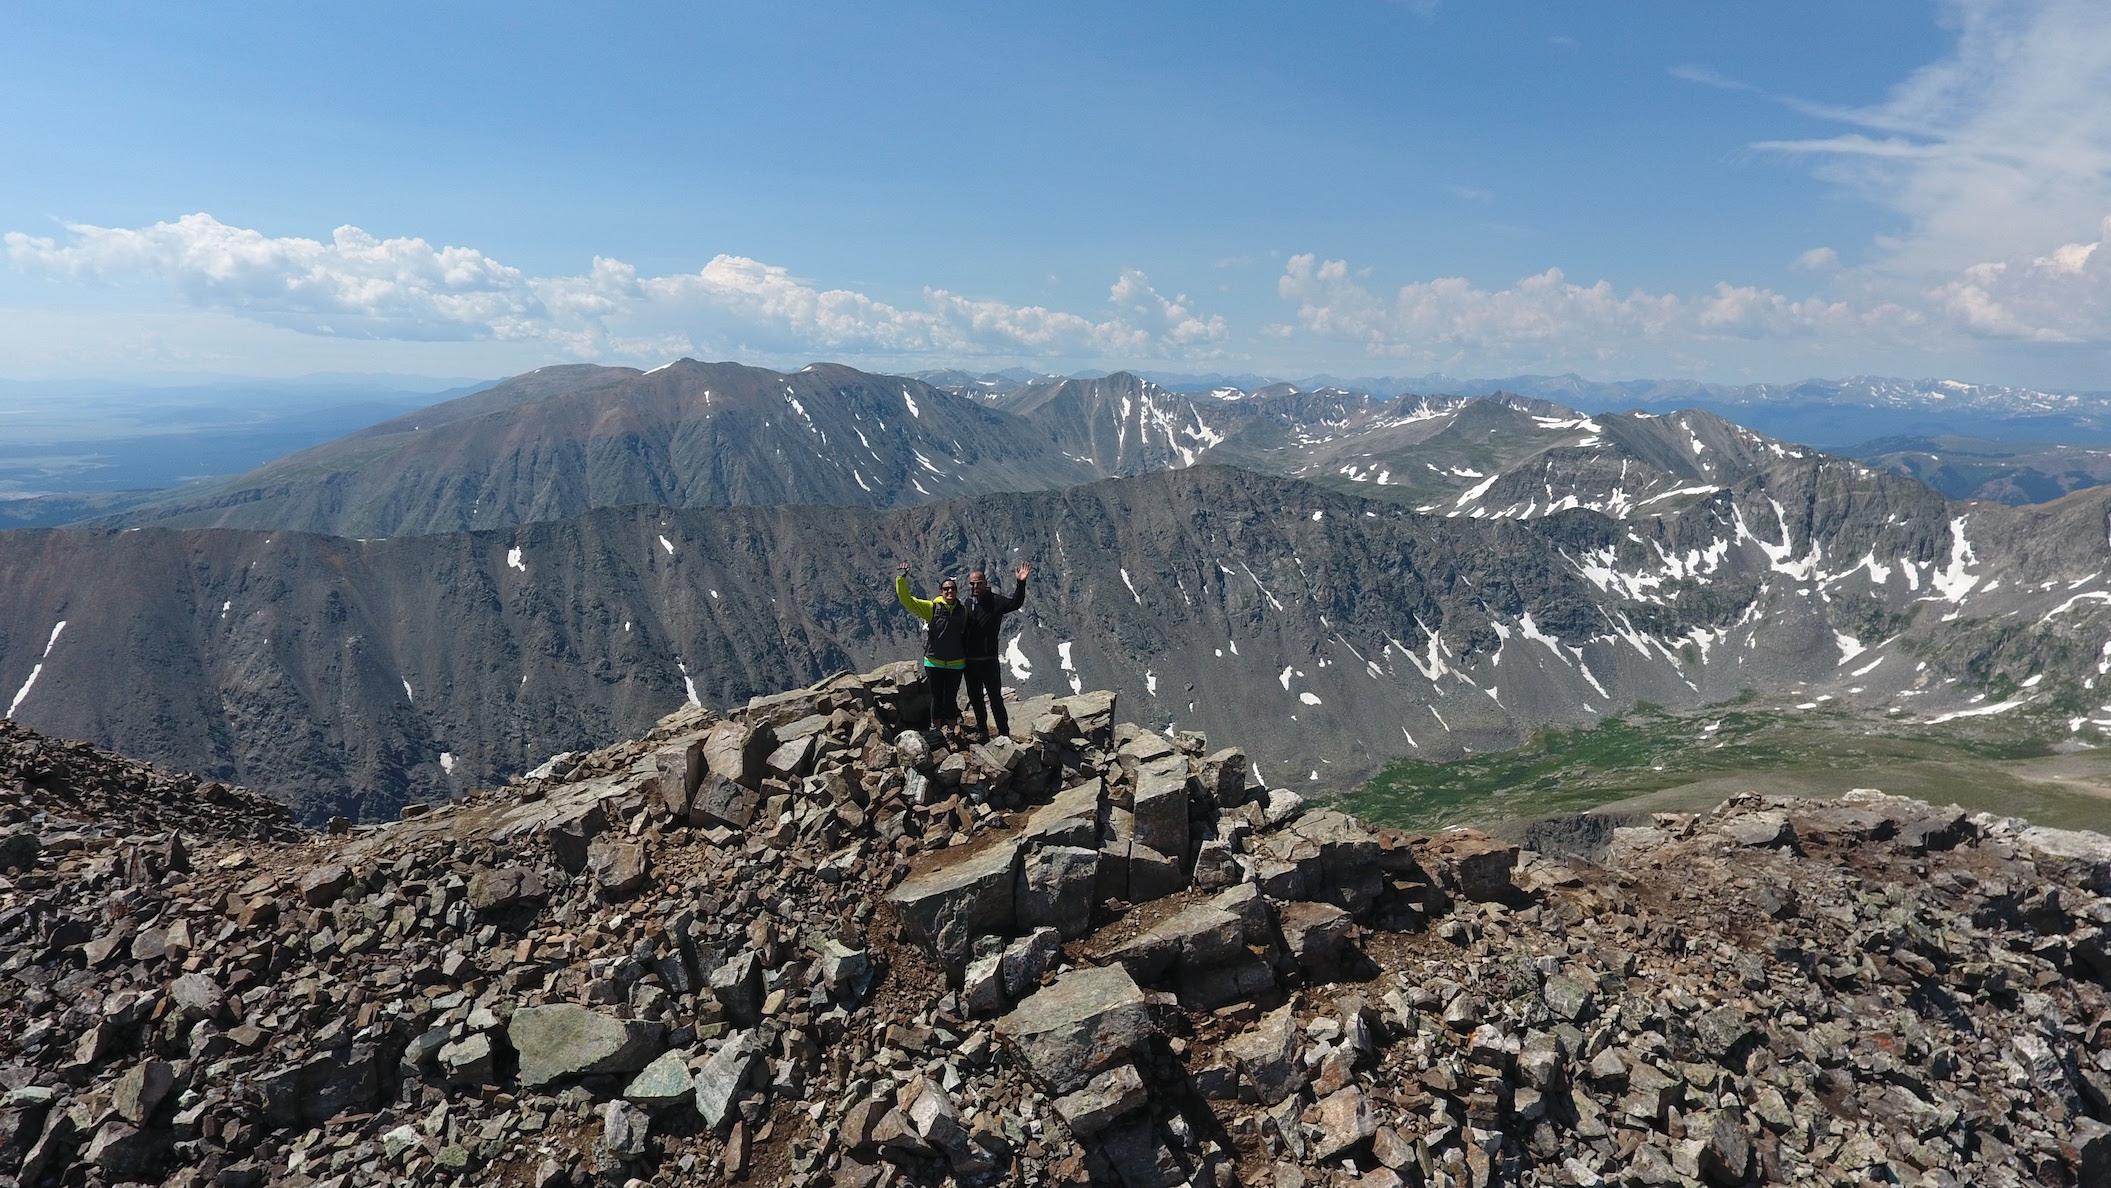 Quandary Peak_July 2016 14,265'